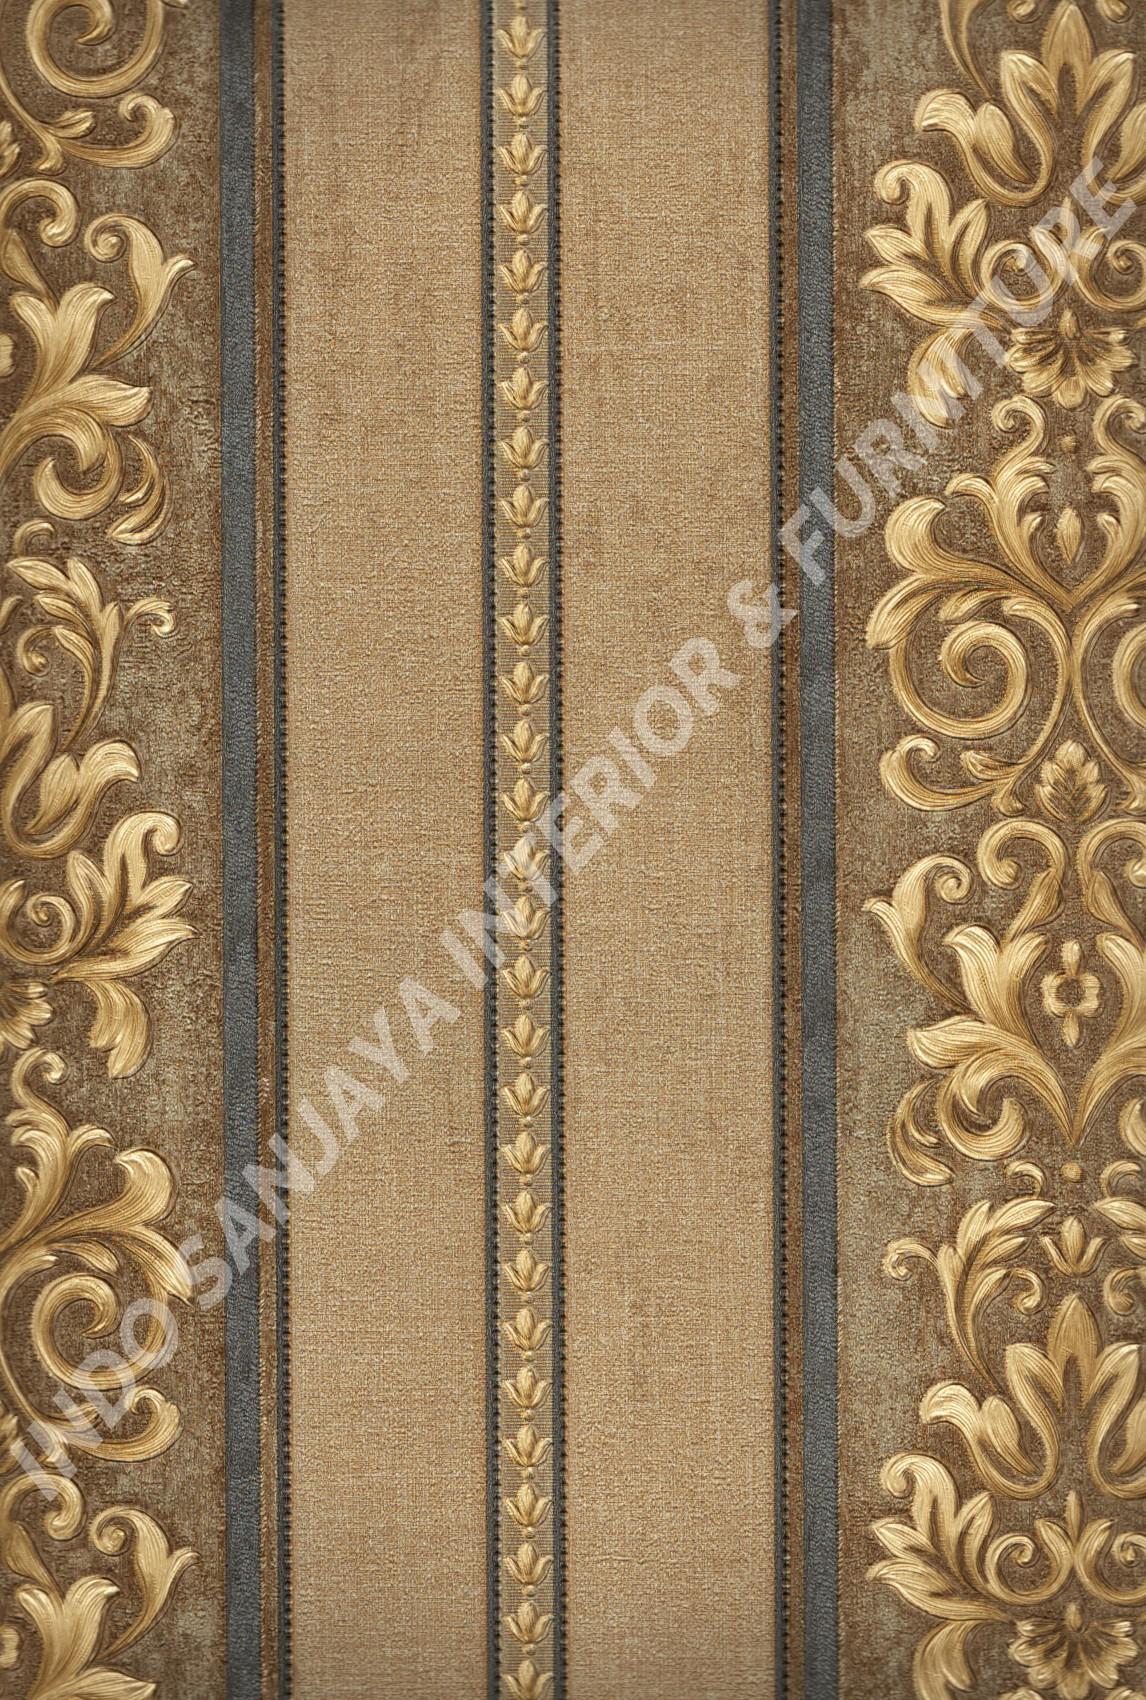 wallpaper   Wallpaper Klasik Batik (Damask) 80604:80604 corak  warna